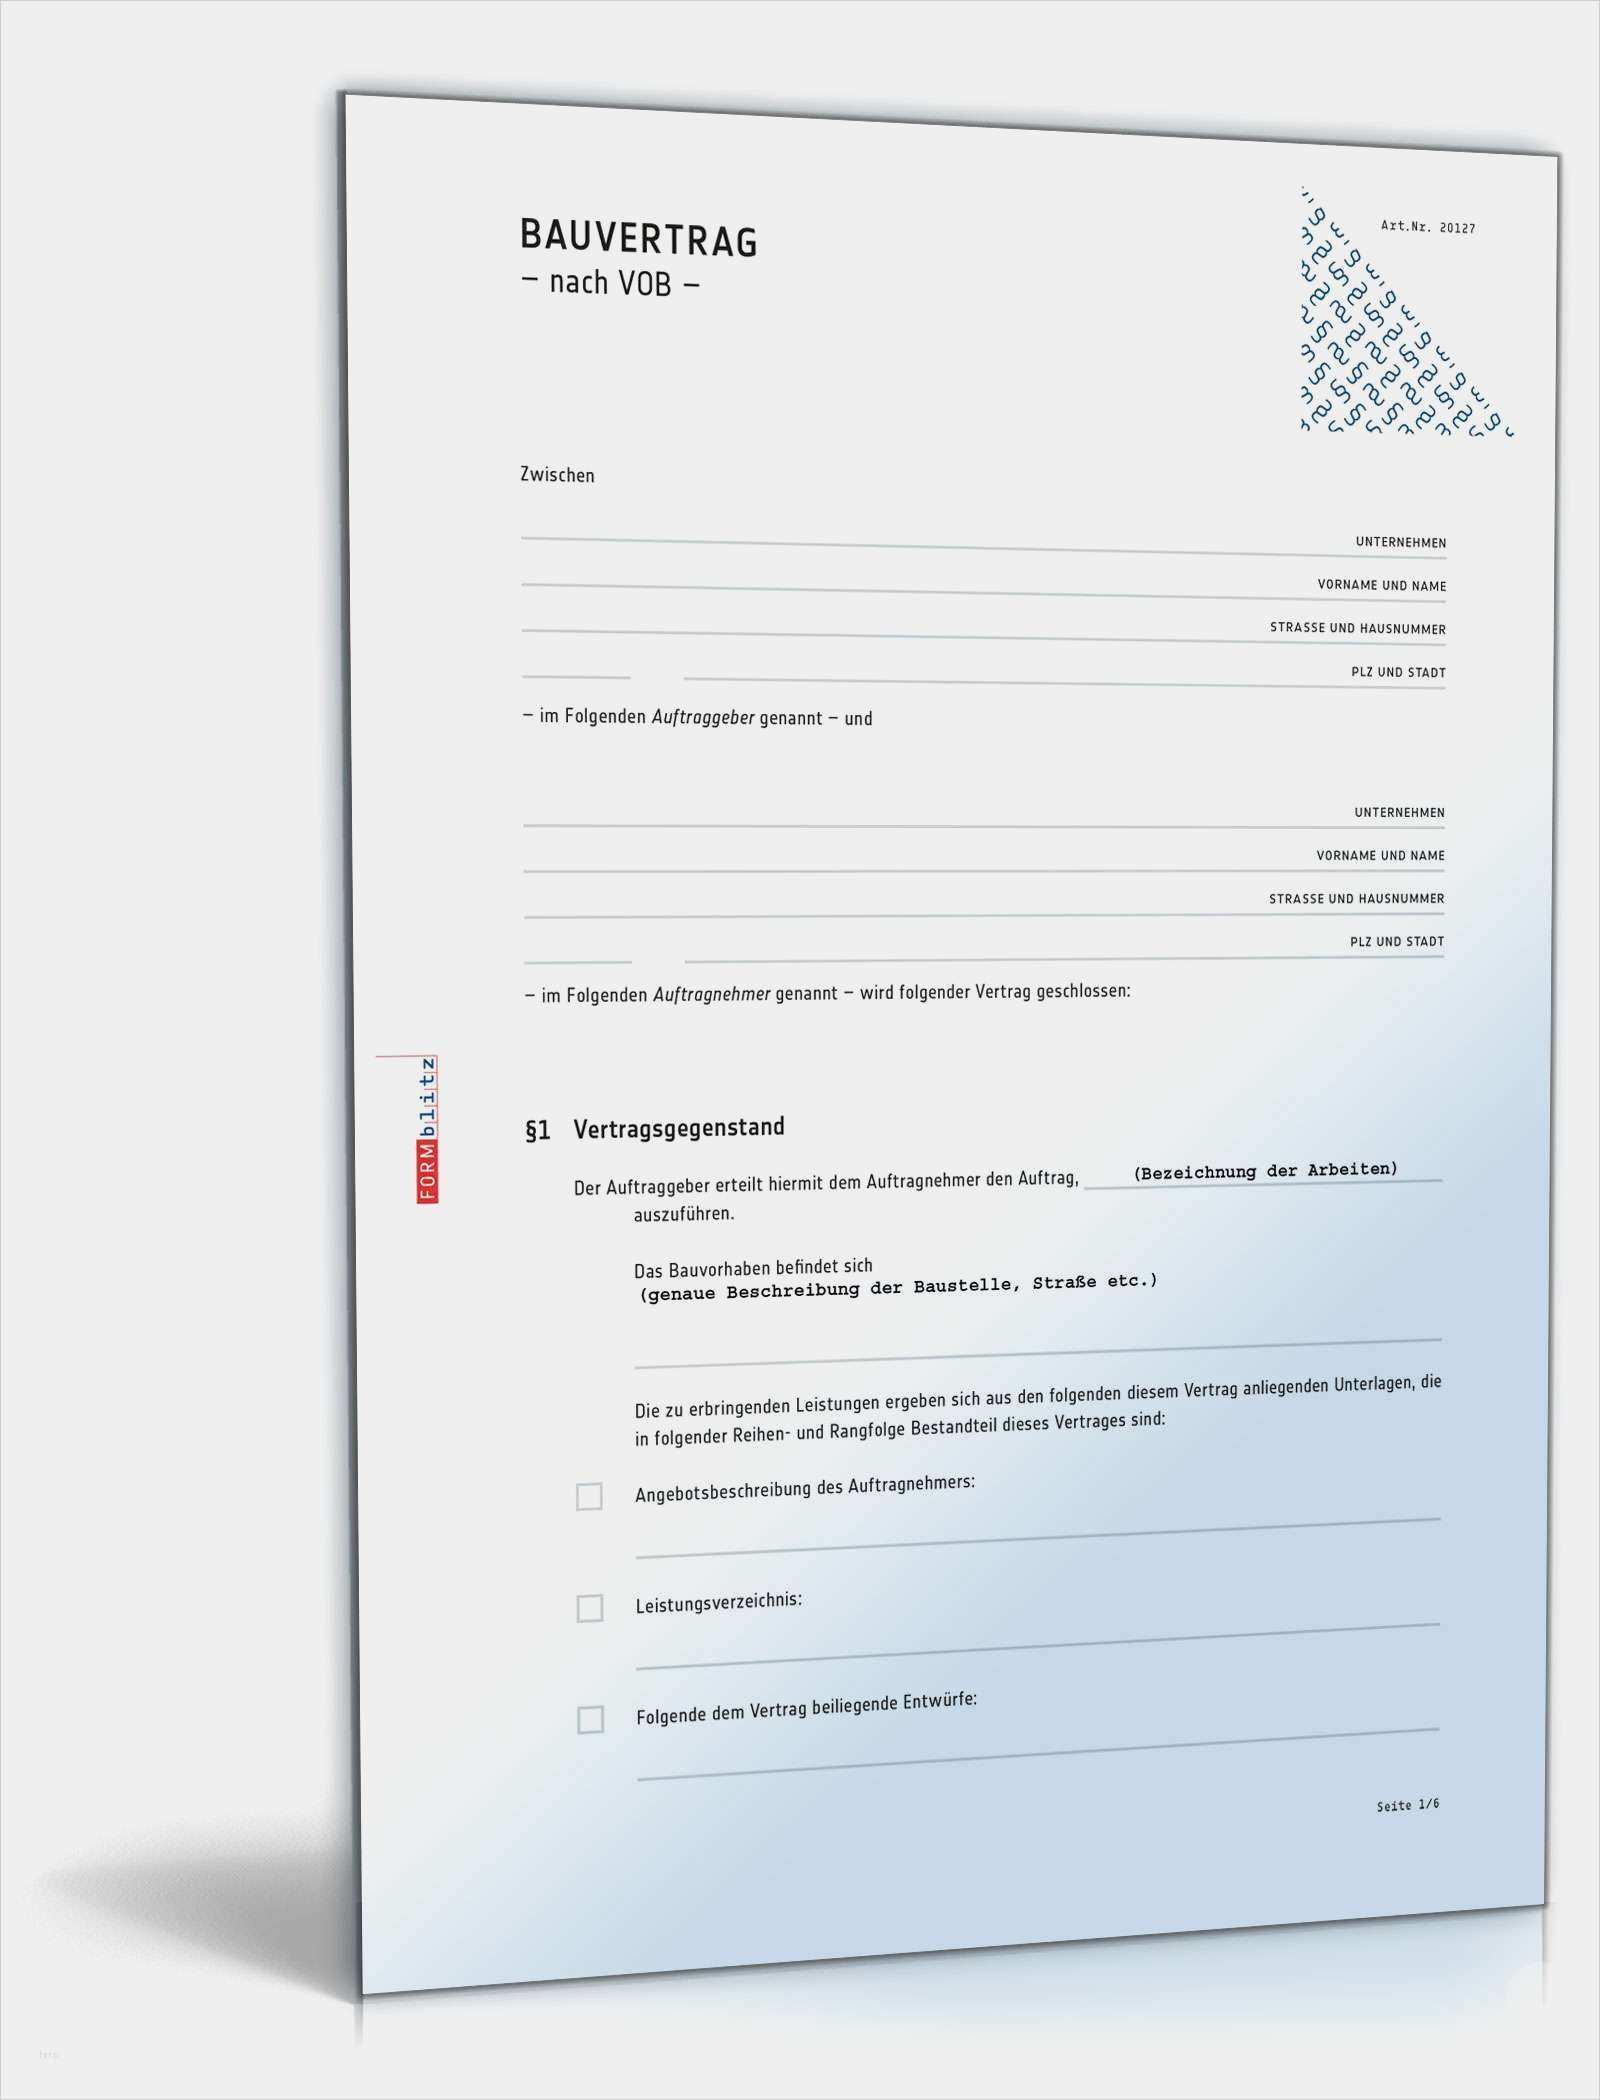 39 Grossartig Vob Bauvertrag Vorlage Ideen Vorlagen Word Businessplan Vorlage Briefkopf Vorlage